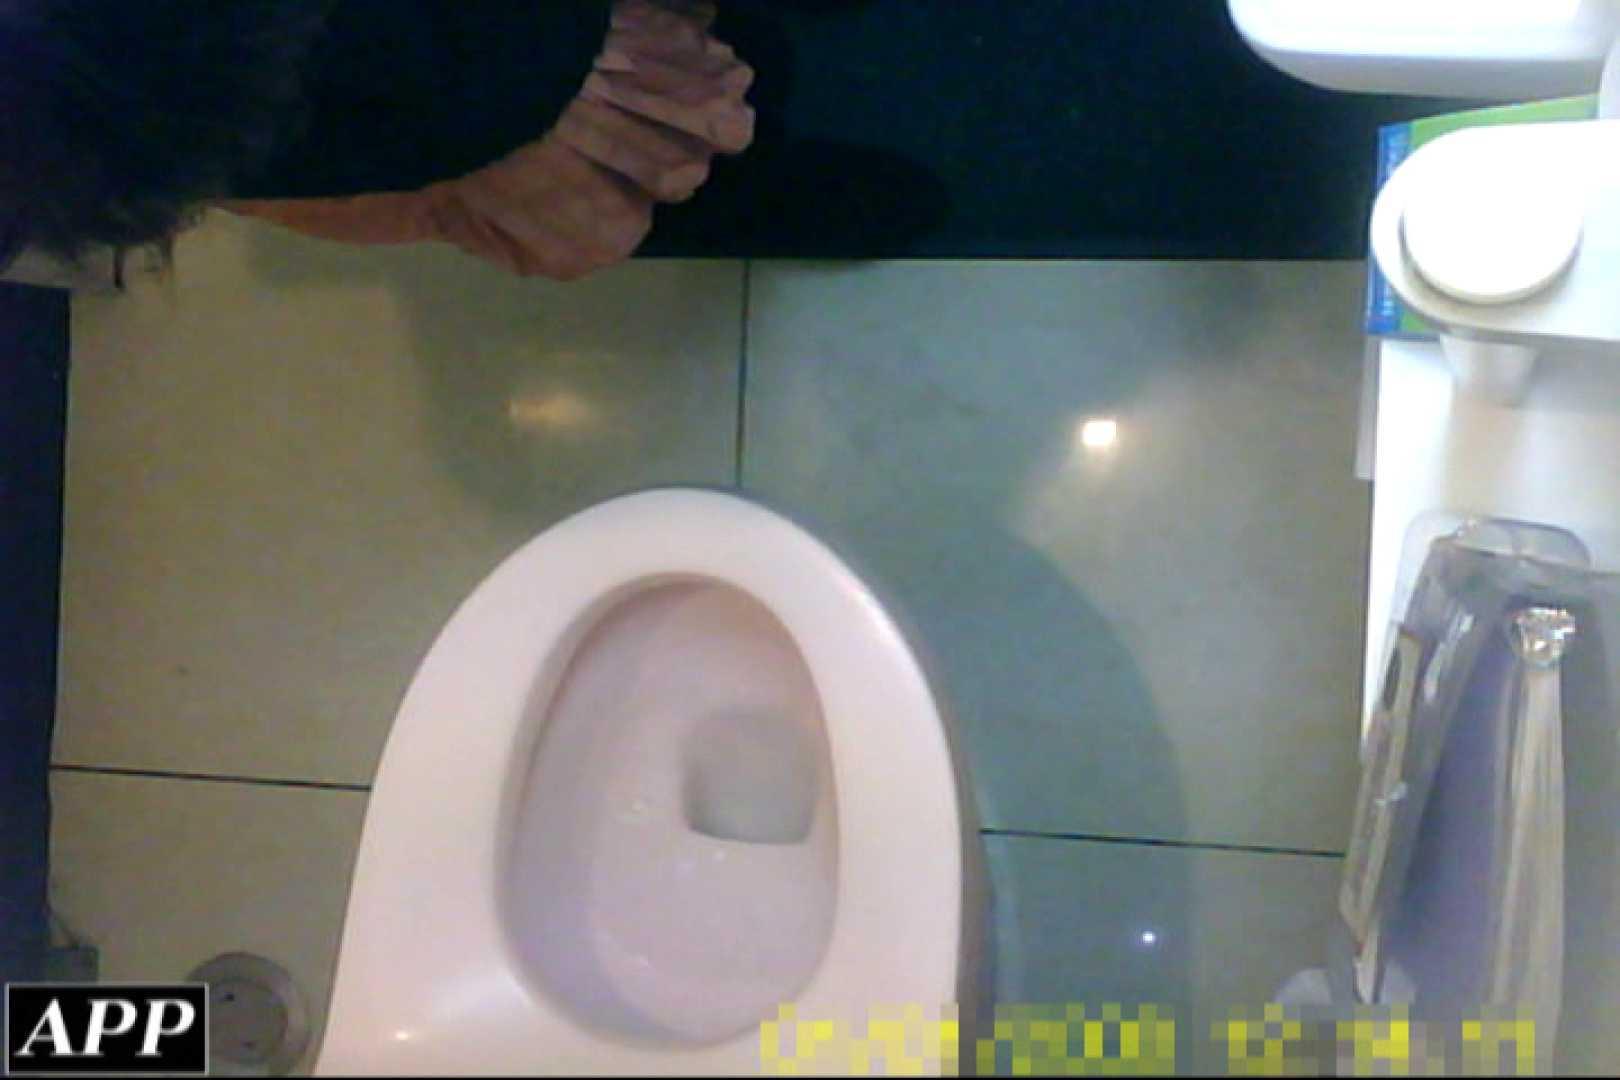 3視点洗面所 vol.38 洗面所 オマンコ動画キャプチャ 104pic 76